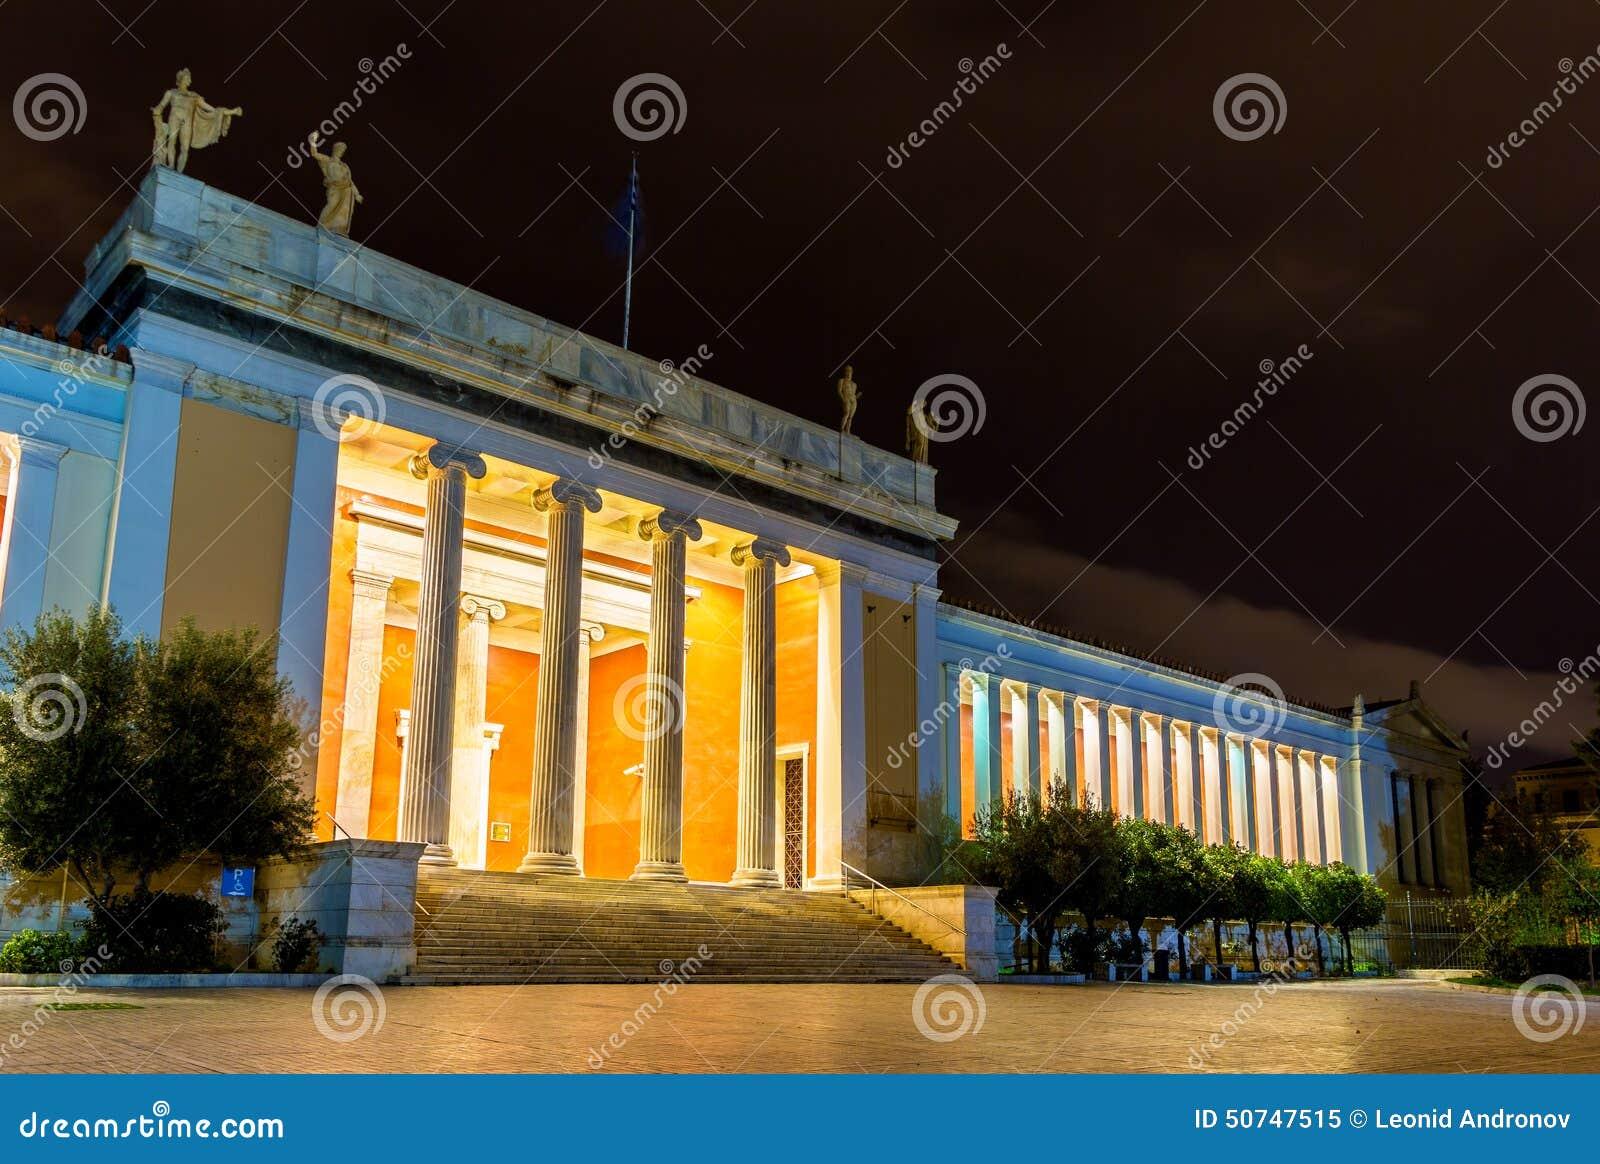 Nationaal Archeologisch Museum in Athene